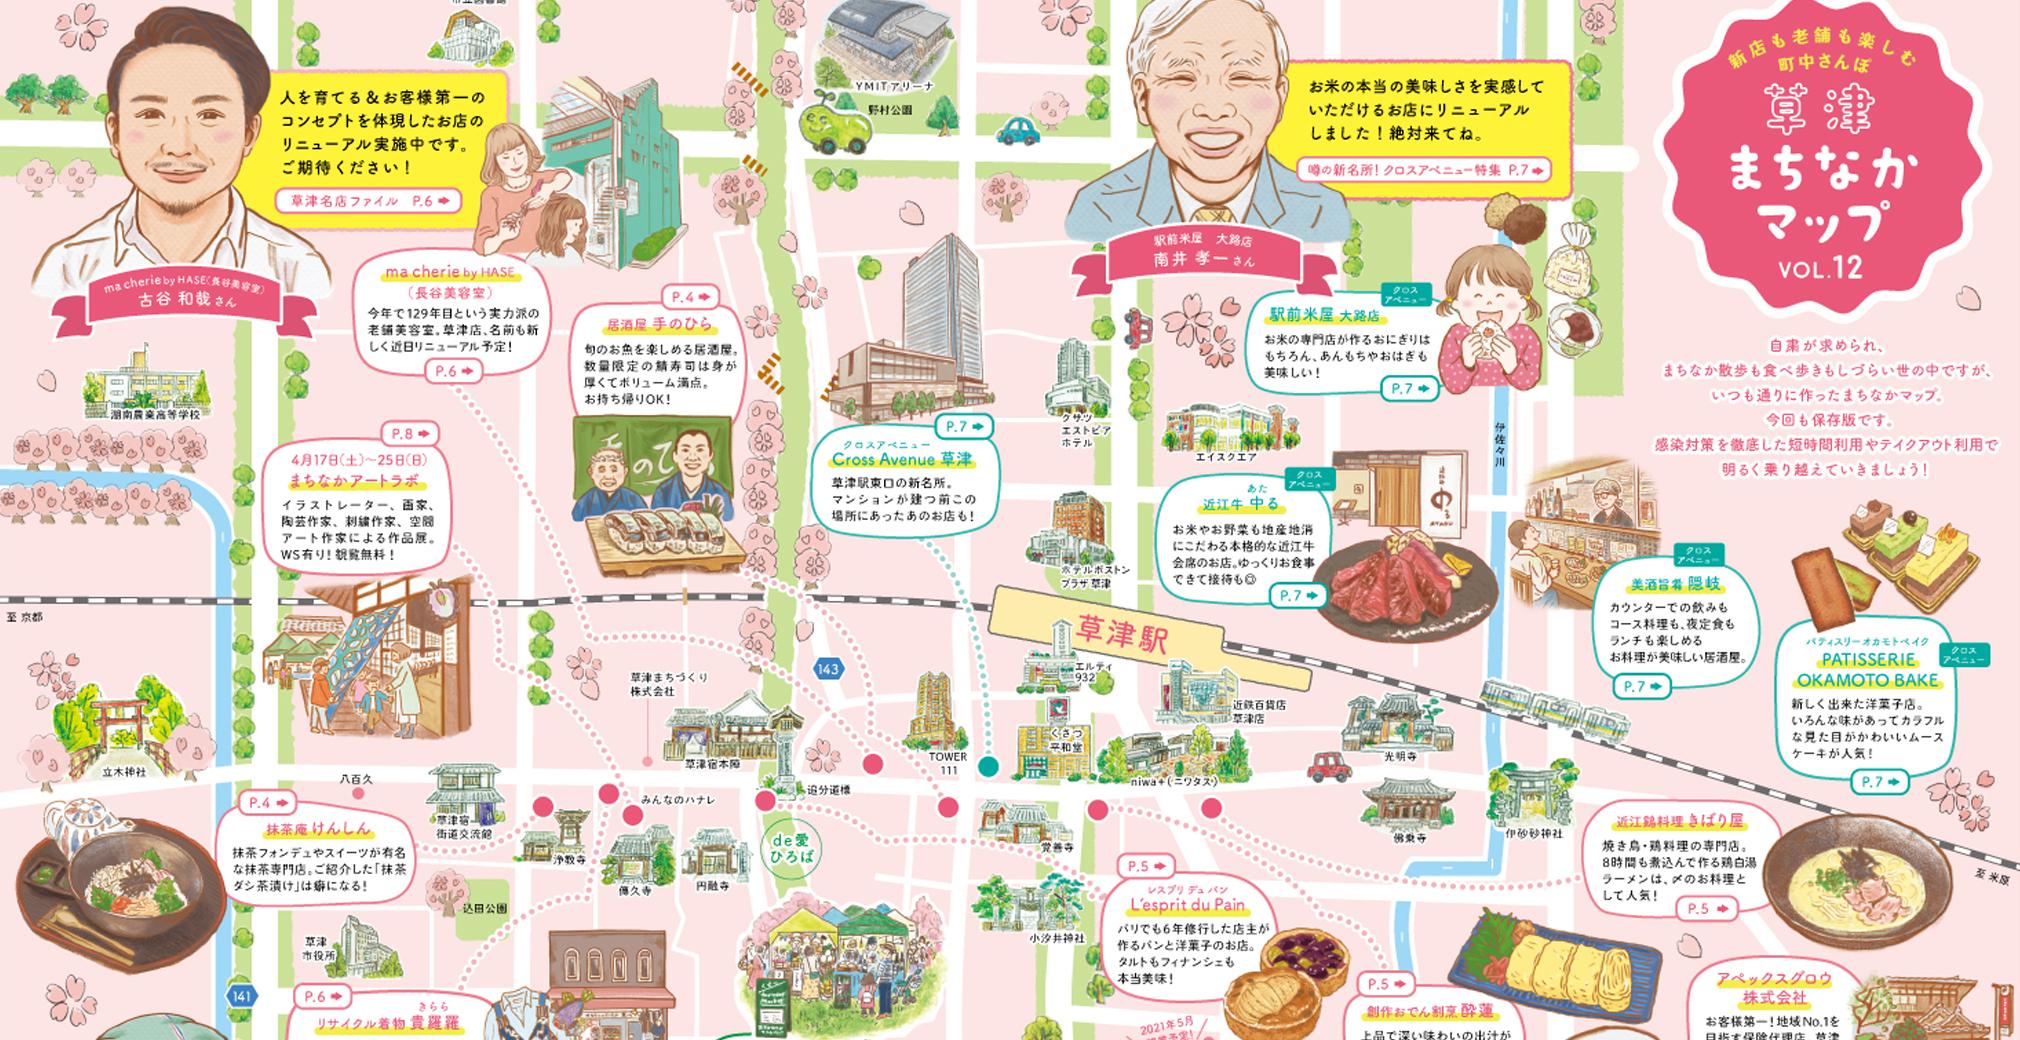 草津まちなかMAP Vol.12